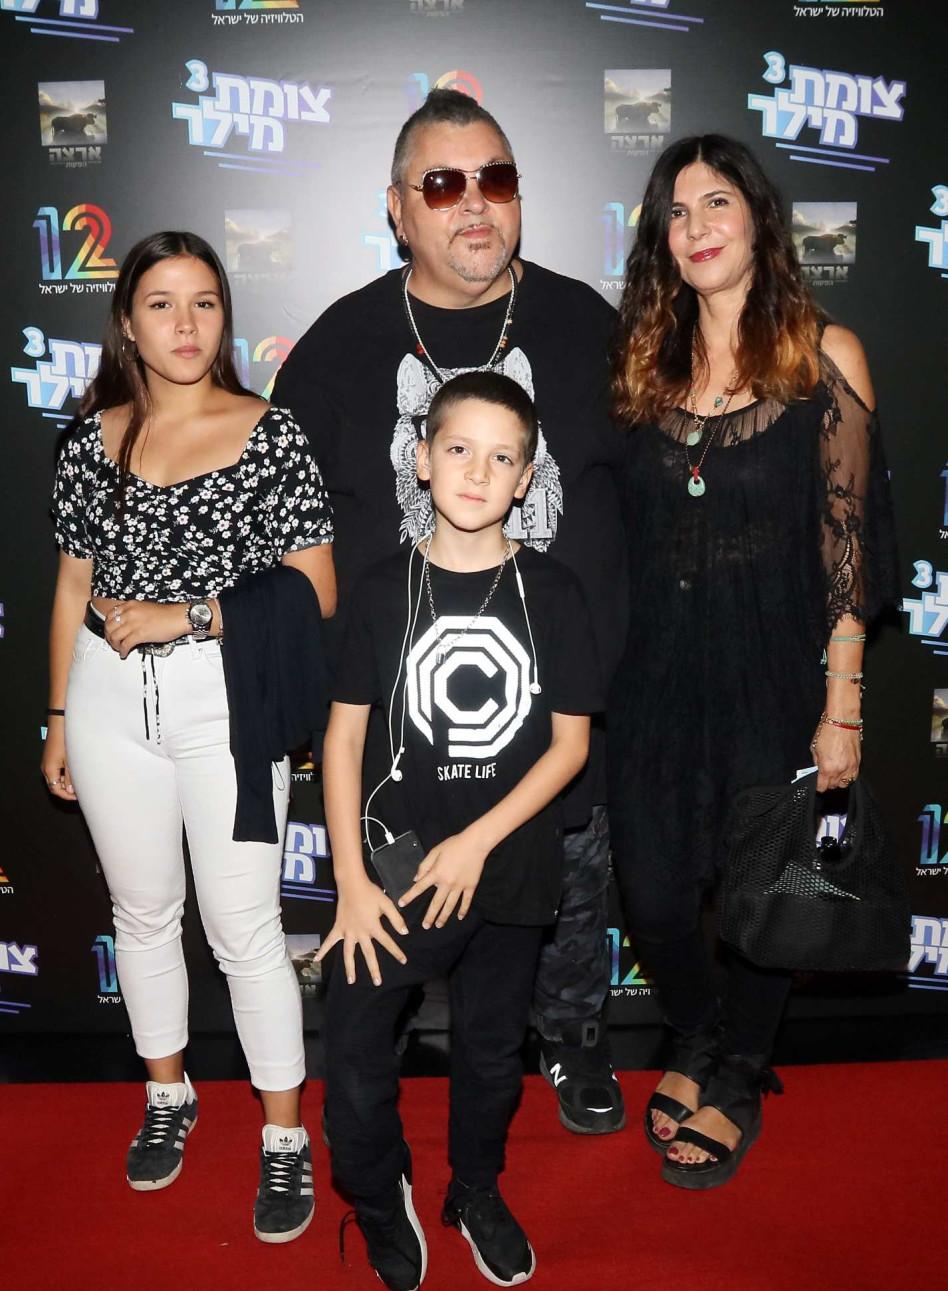 ארקדי דוכין, סימה והילדים (צילום: אמיר מאירי)